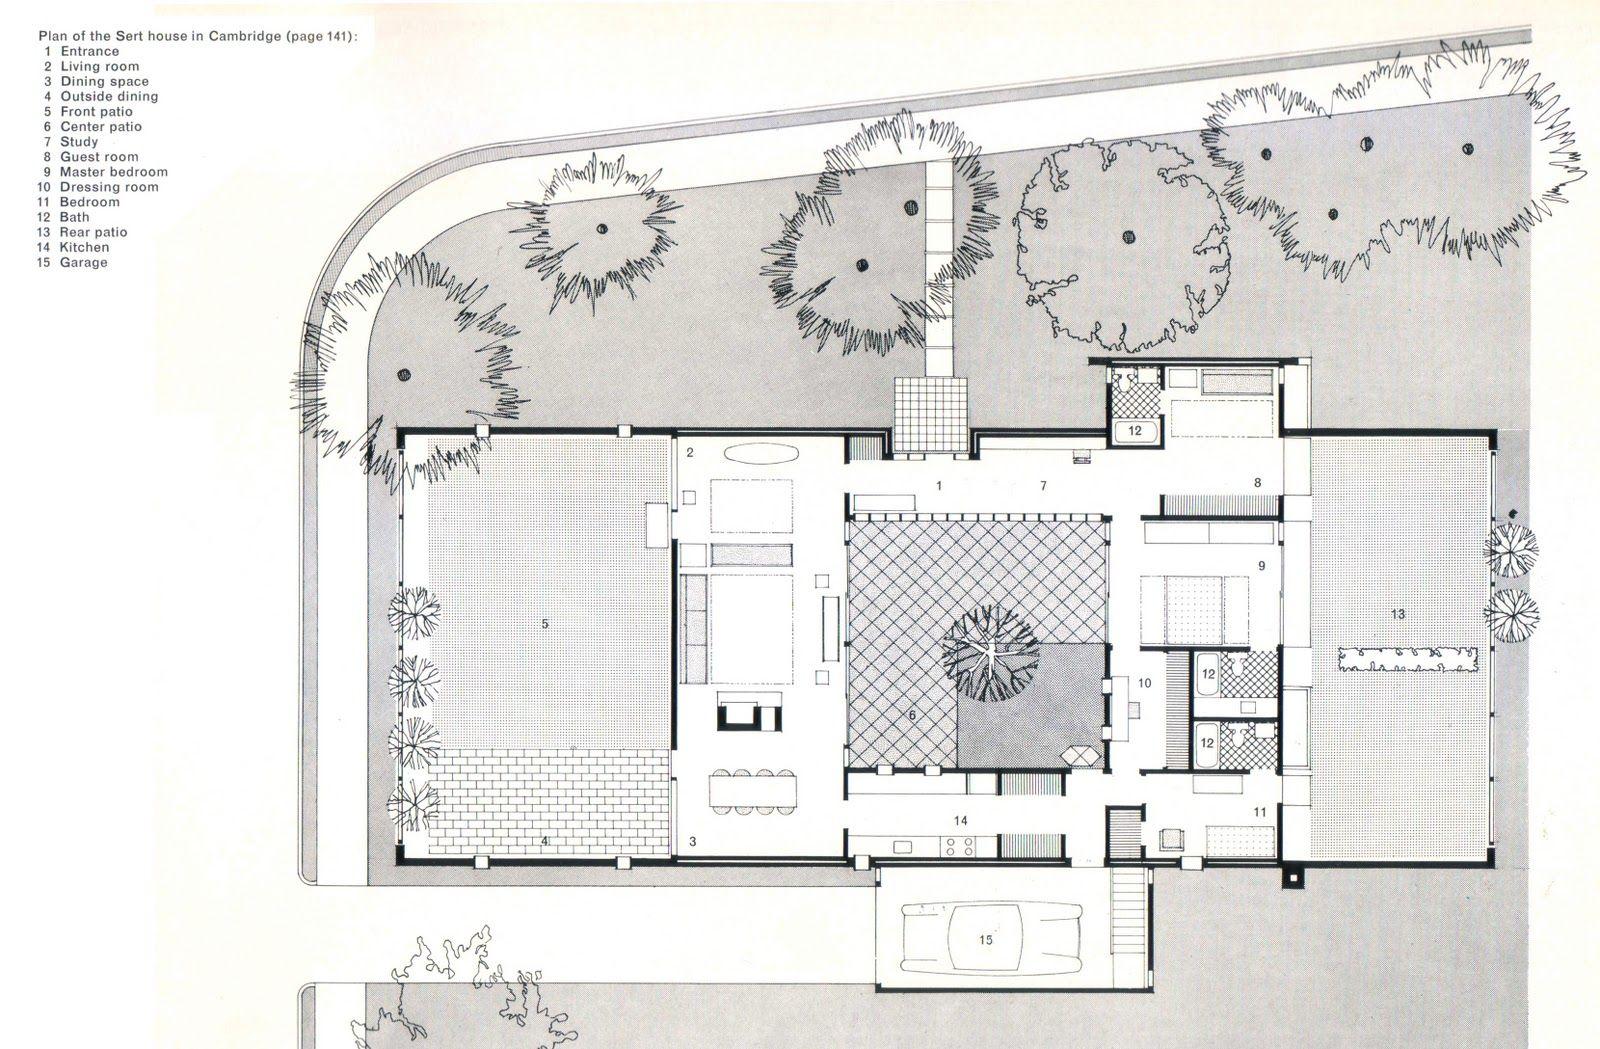 Casa sert patios typology architecture architecture - Arquitectos de interiores famosos ...